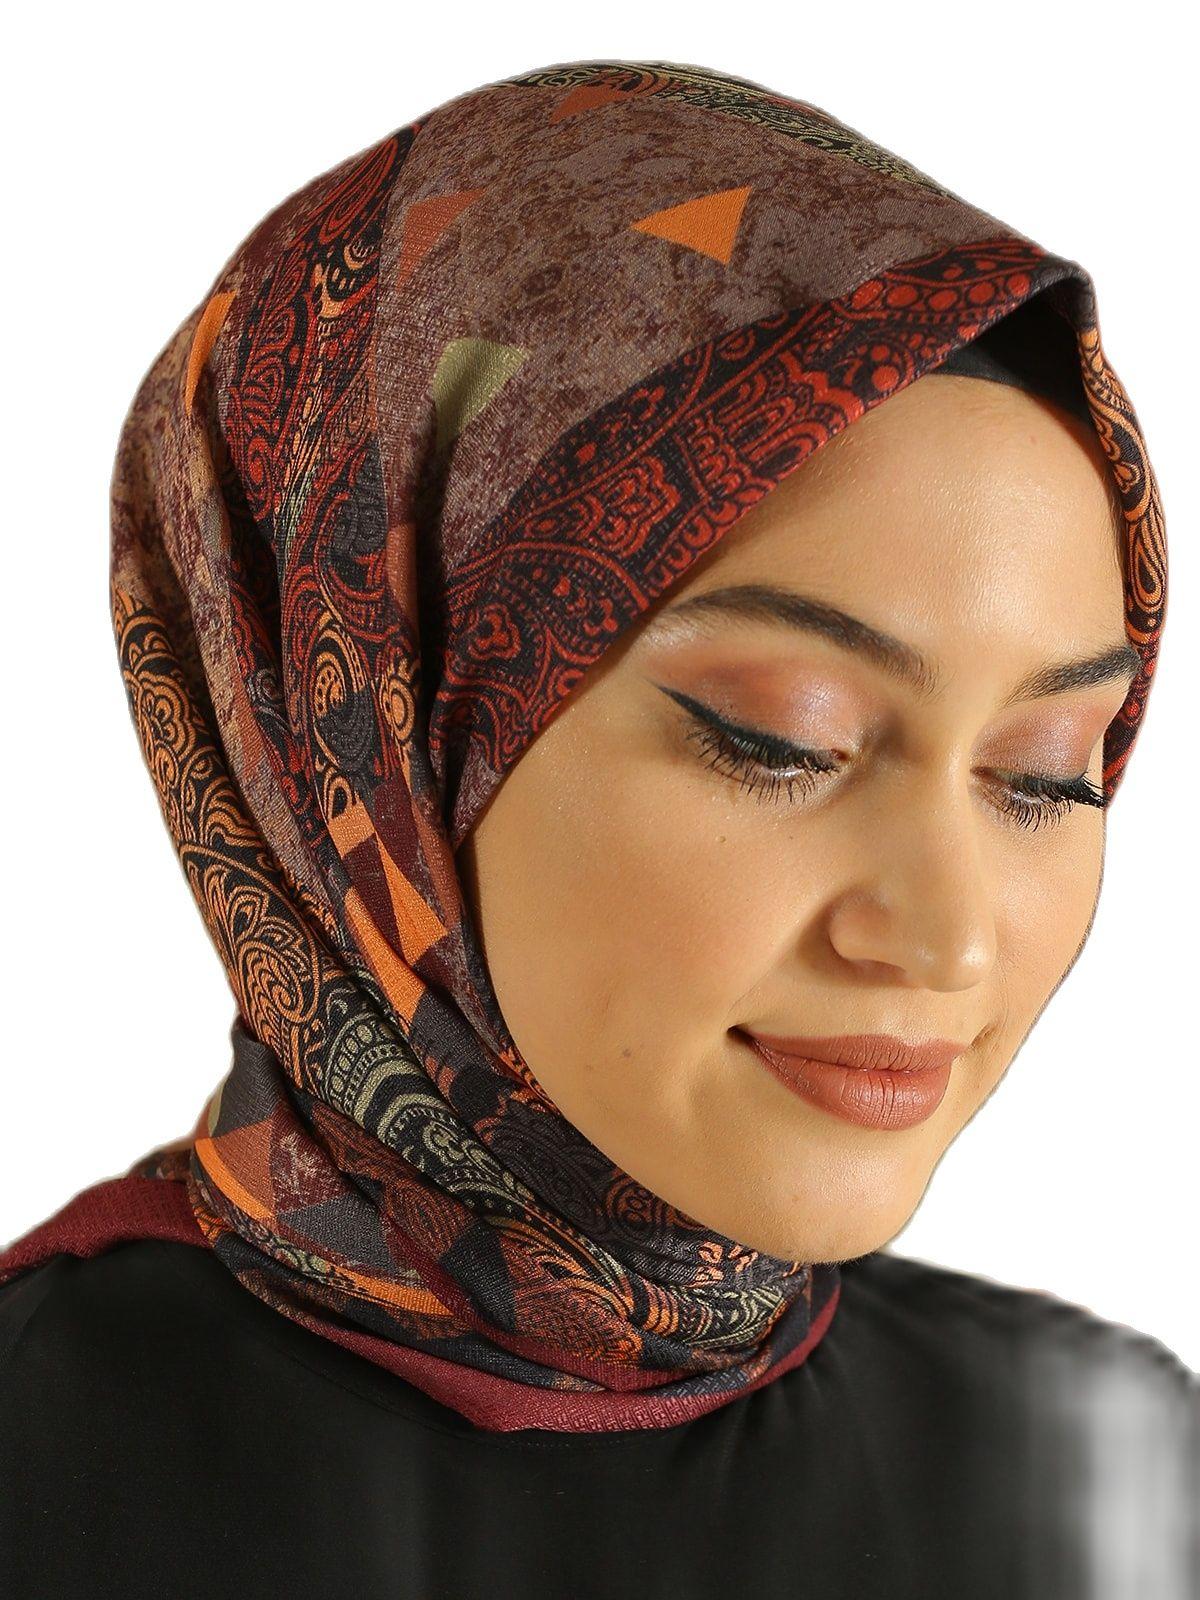 2021 Для женщин цвет: пурпурно-красный с рисунком хлопковый шарф марли İslam хиджаб Femme Musulman платок на голову качество Абаи Дубай, Турция